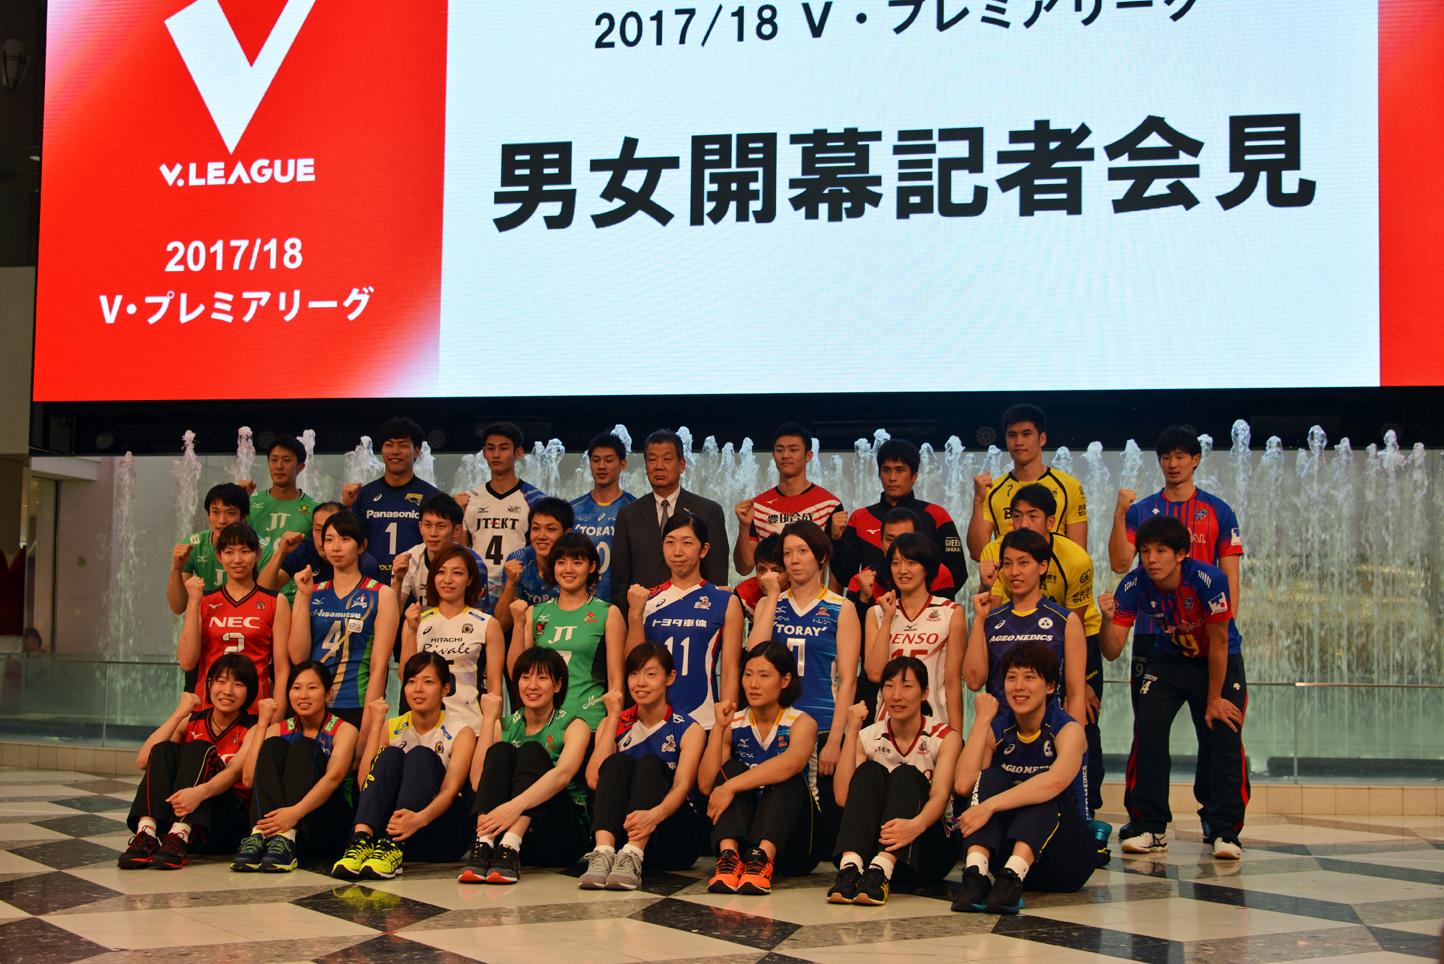 Vプレミアリーグの各チームのキャプテンほか、主力選手とリーグ機構嶋岡会長は今季の熱戦を誓った